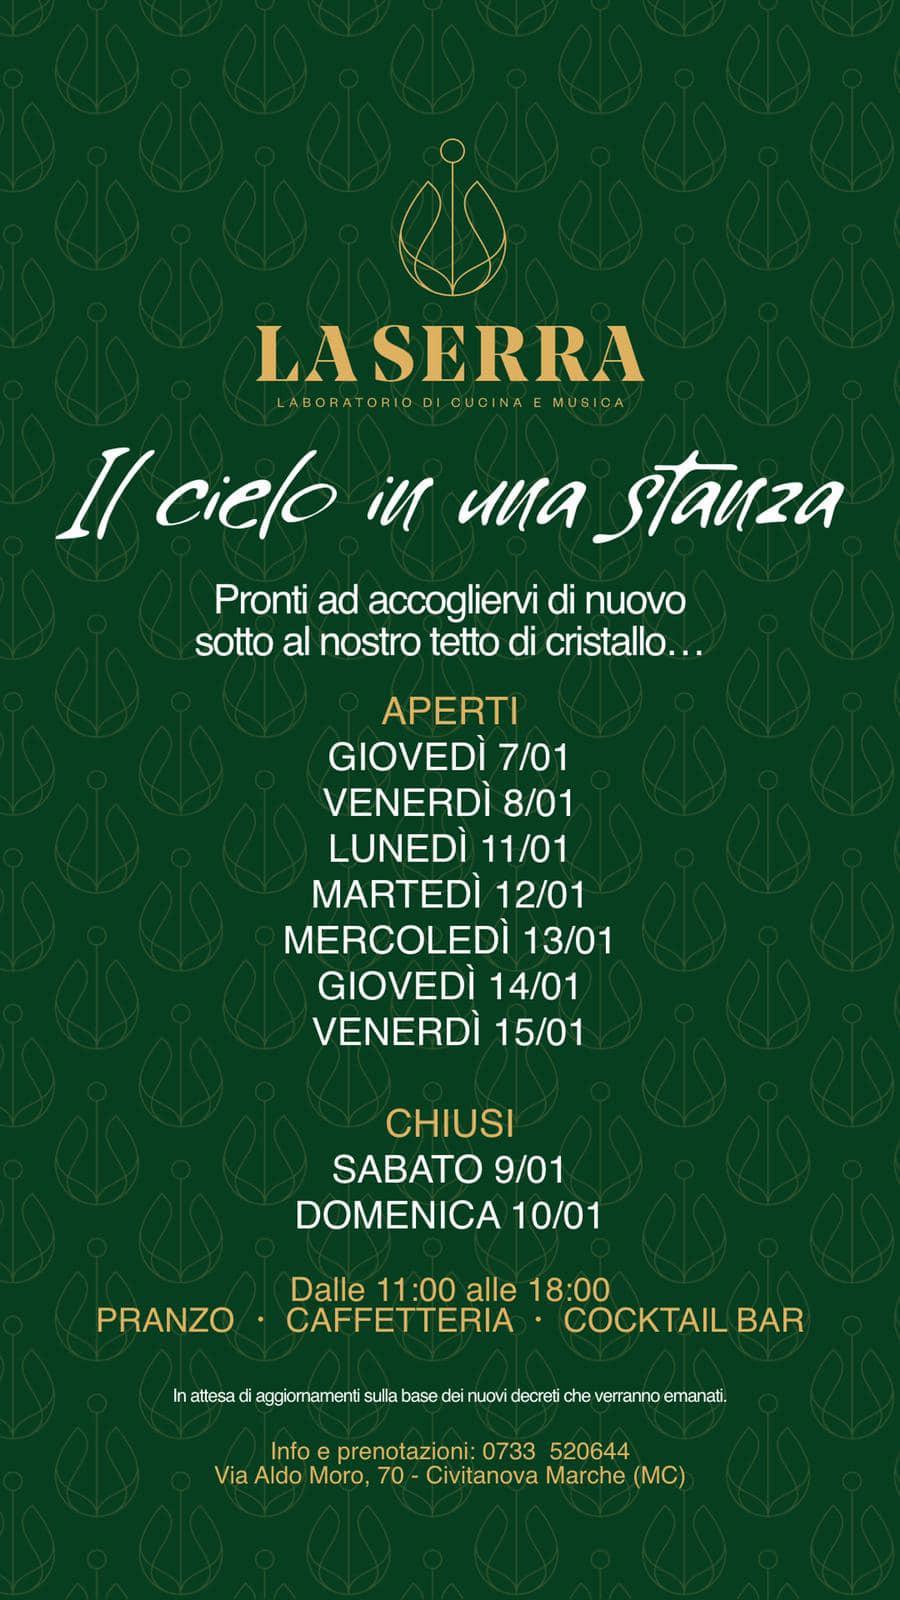 Riapertura Ristorante La Serra Civitanova Marche